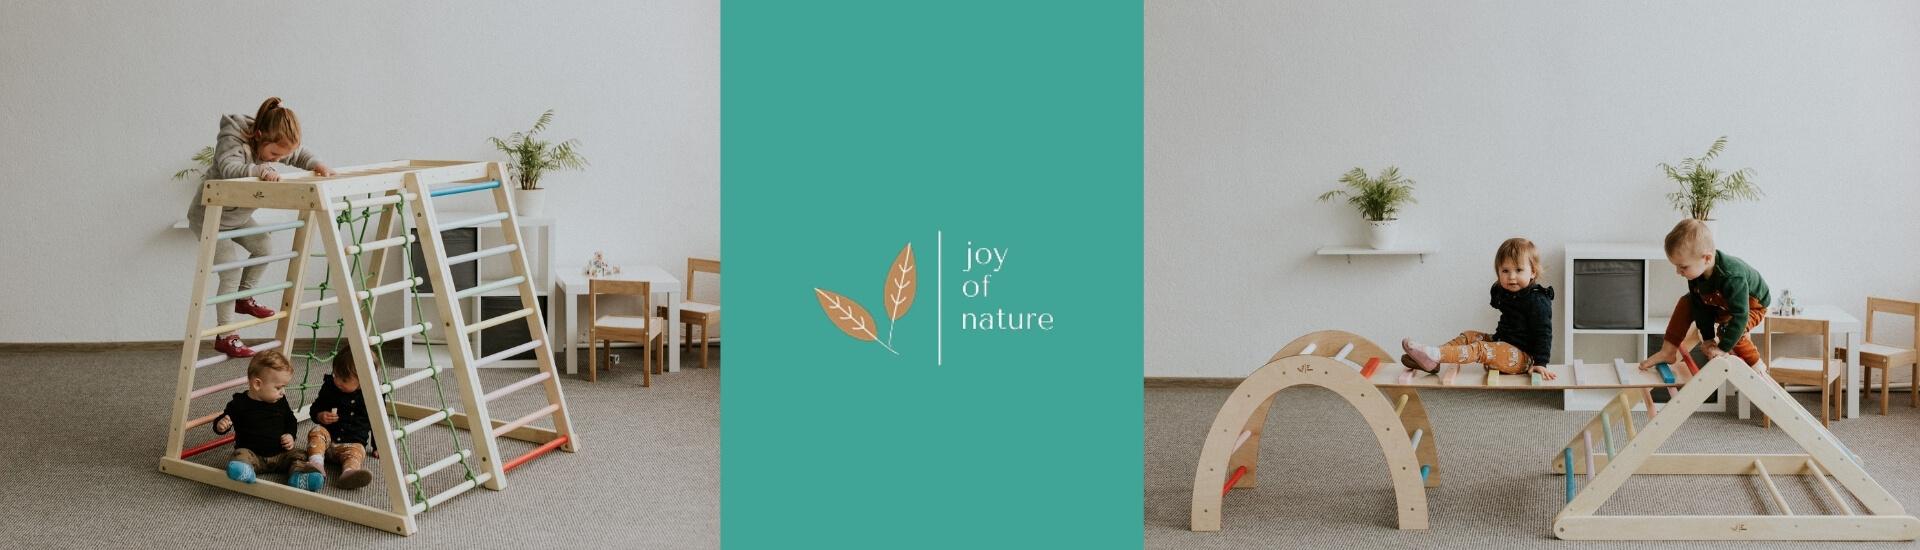 les aires de jeux pikler de joy of nature